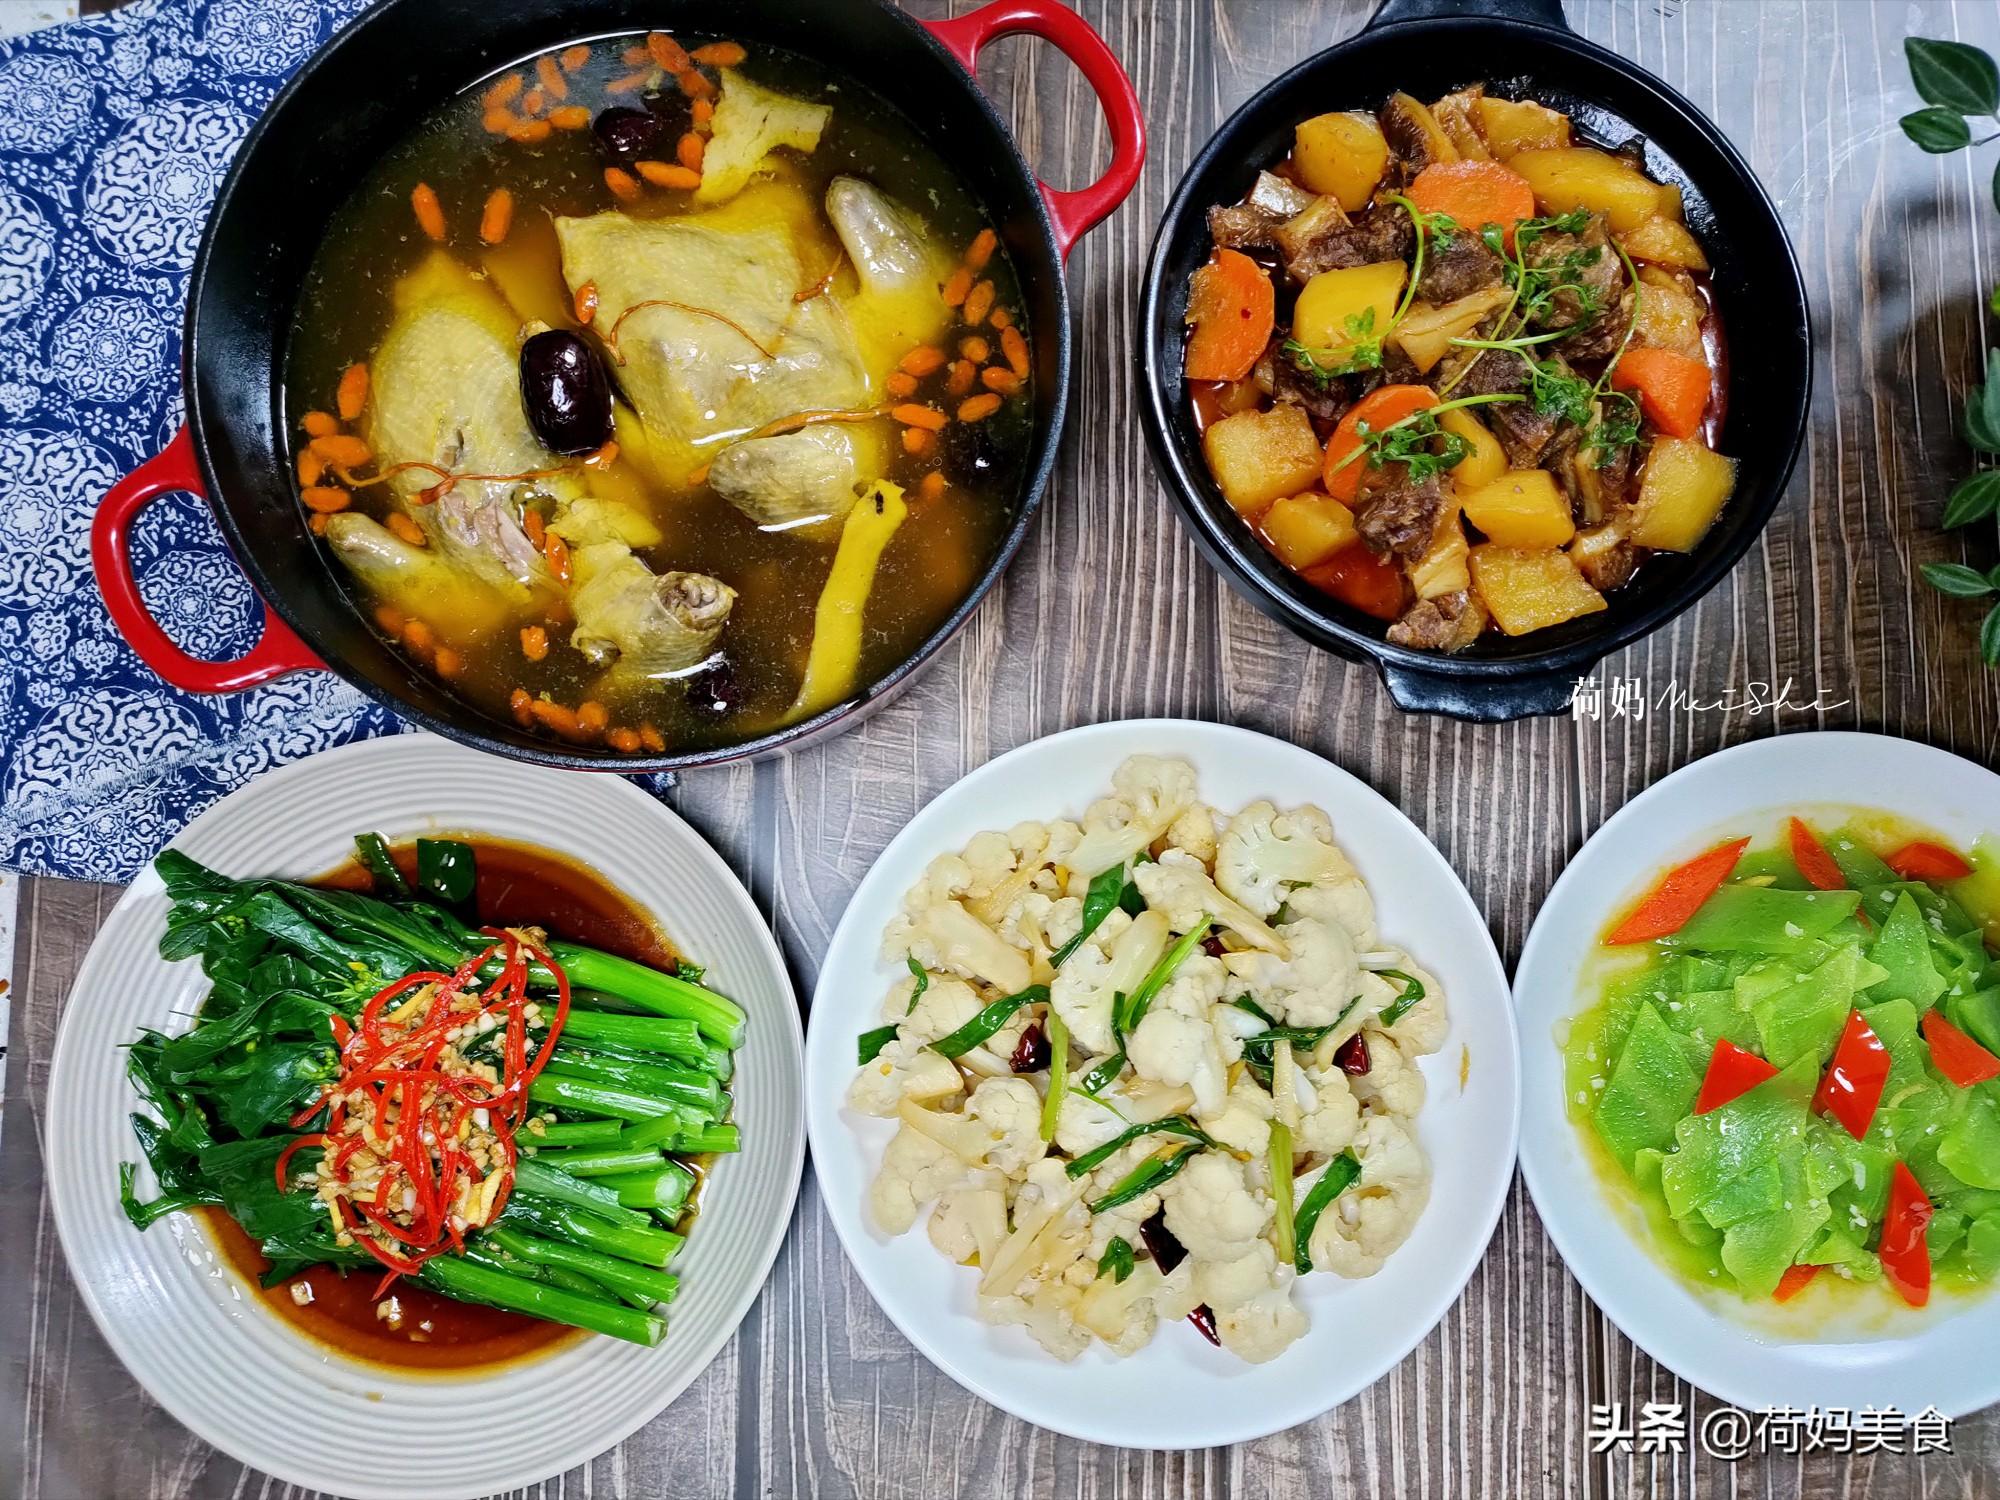 晒晒妈妈用心做的晚餐,四菜一汤真丰盛,简单家常、营养味美 美食做法 第1张